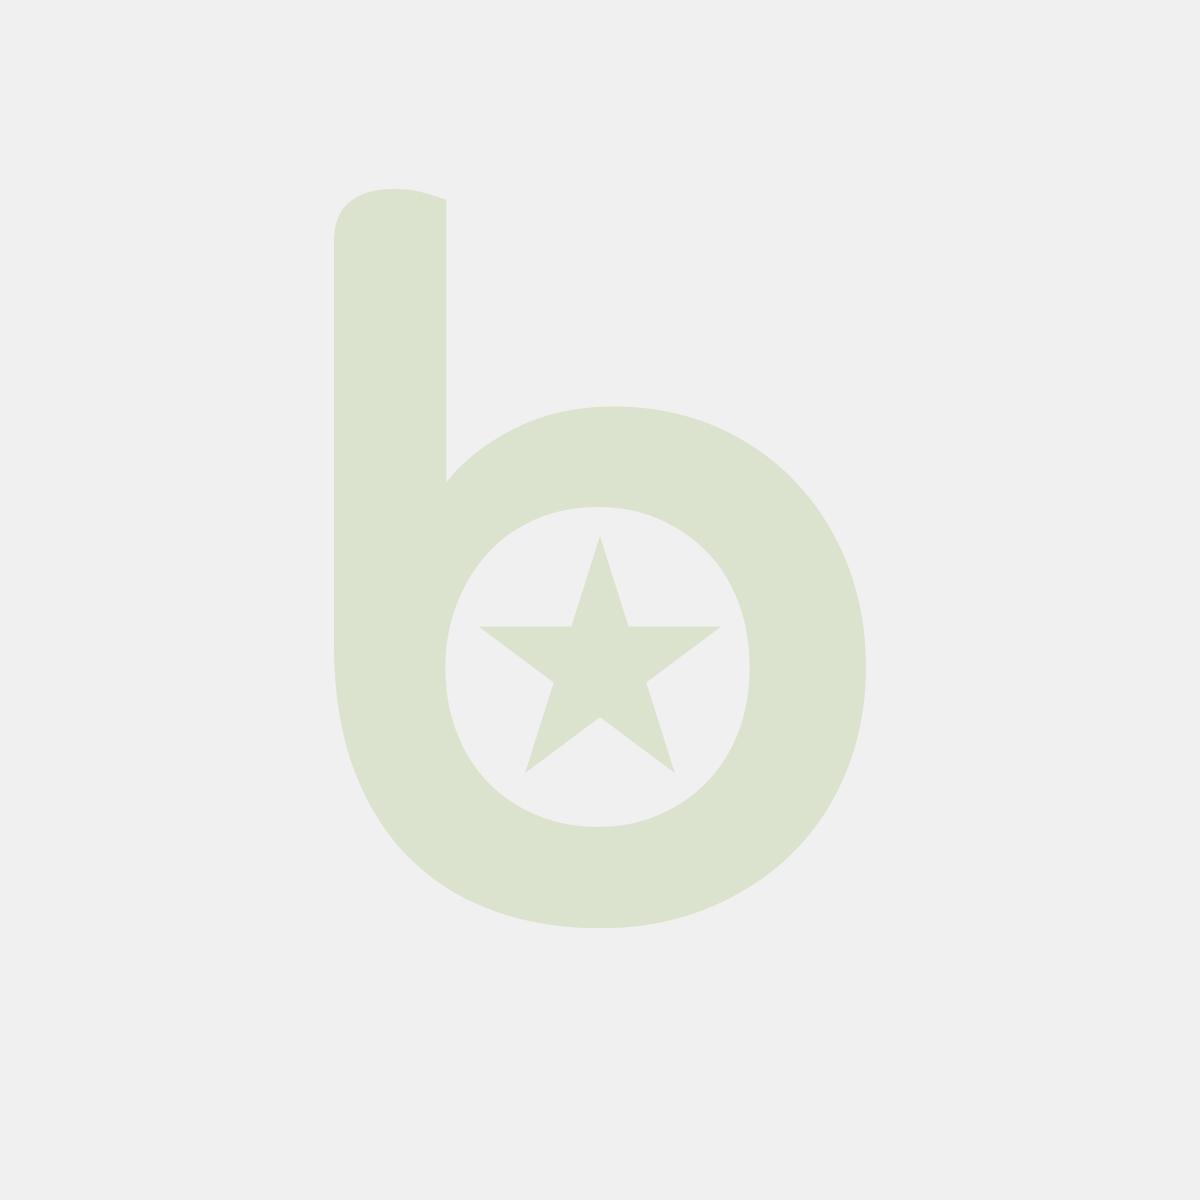 Worek BIGBAG 90x90x130, GÓRA OTWATRA-DÓŁ ZAMKNIĘTY